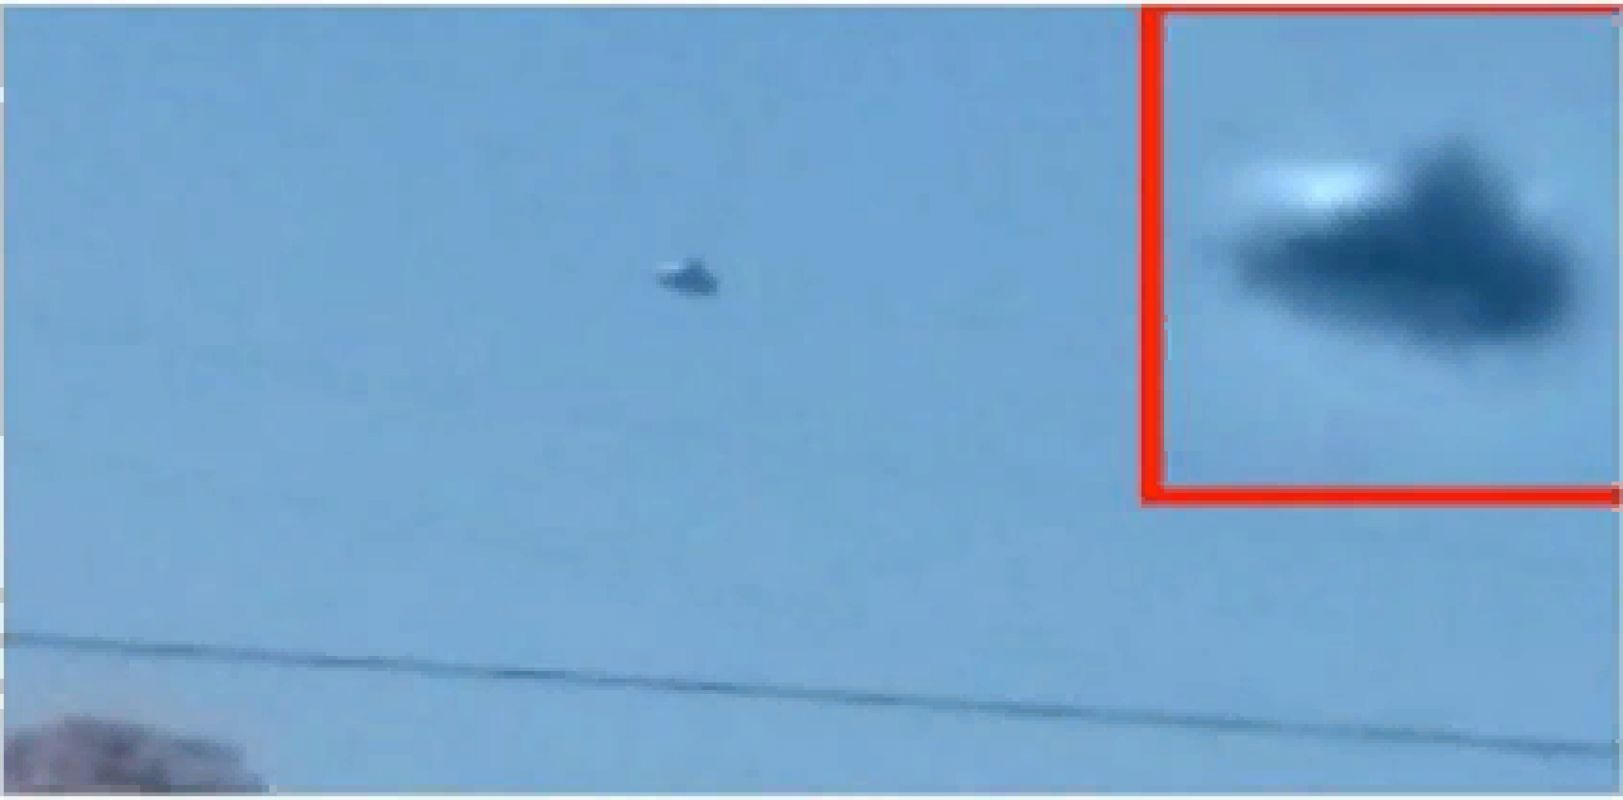 В Ереване мужчина заметил НЛО с близости, снял его на видео и шокировал СМИ чётким и подлинным материалом